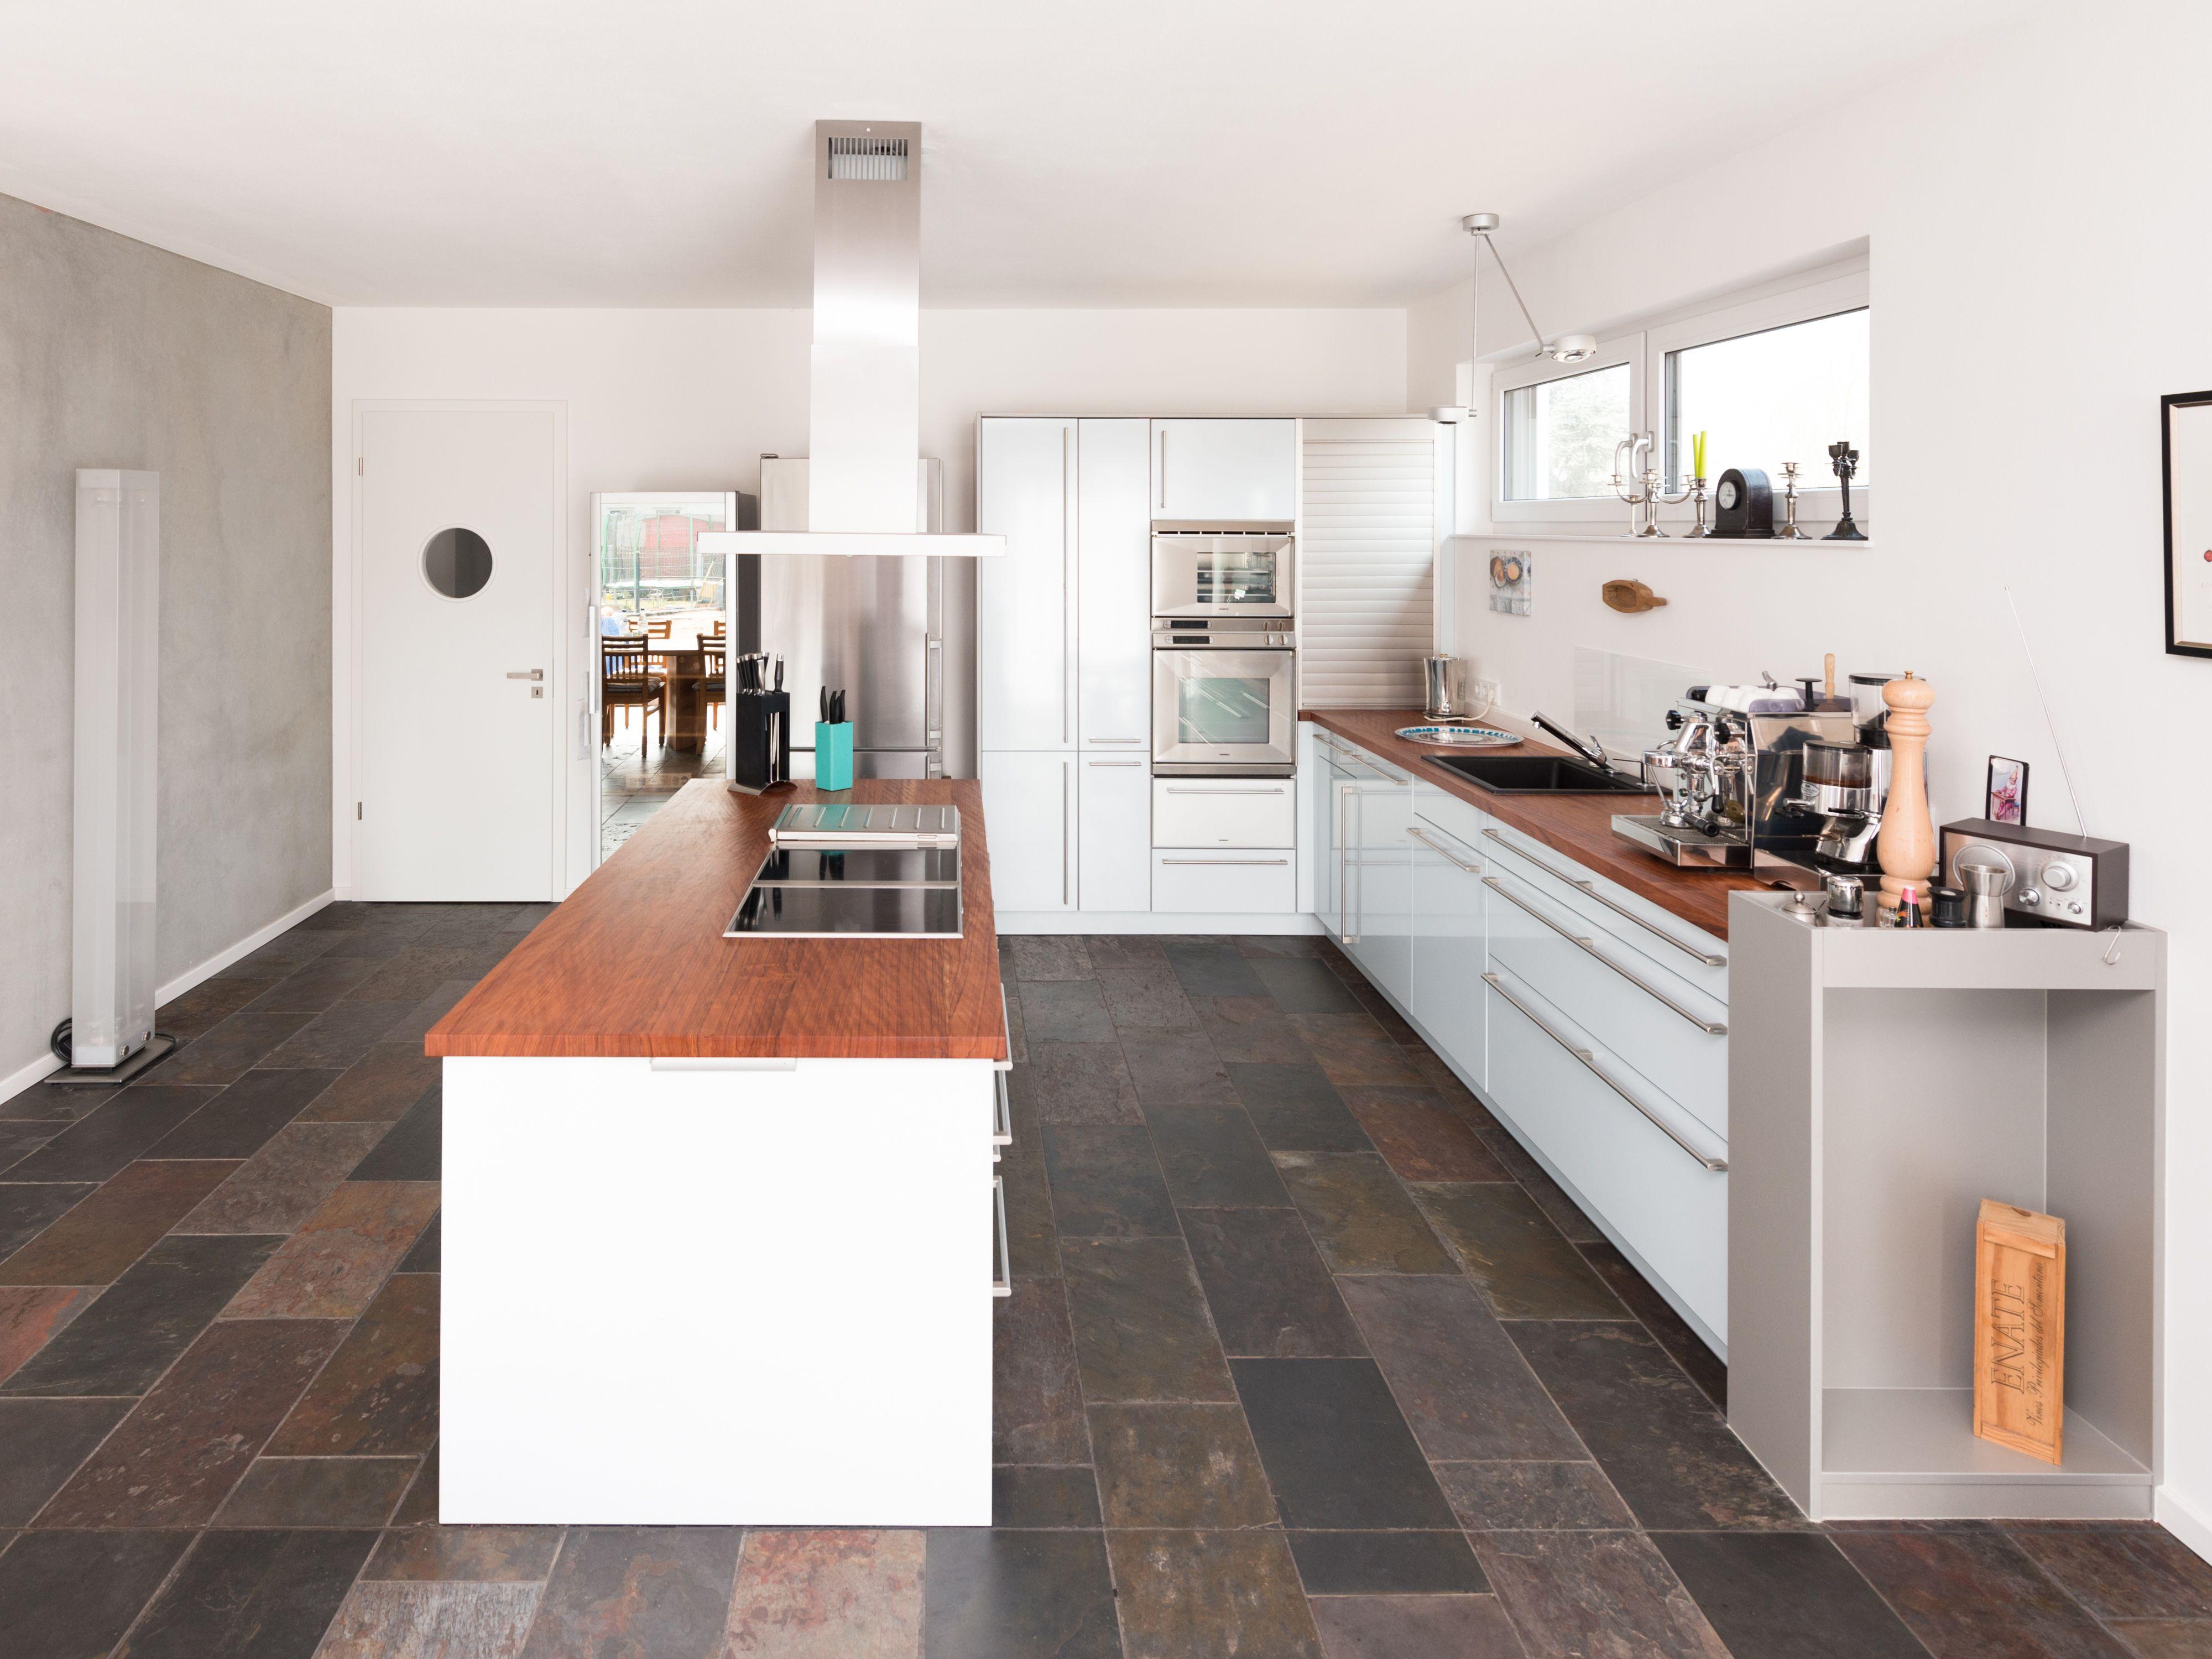 die ausdrucksstarken fliesen setzen einen tollen kontrast. Black Bedroom Furniture Sets. Home Design Ideas